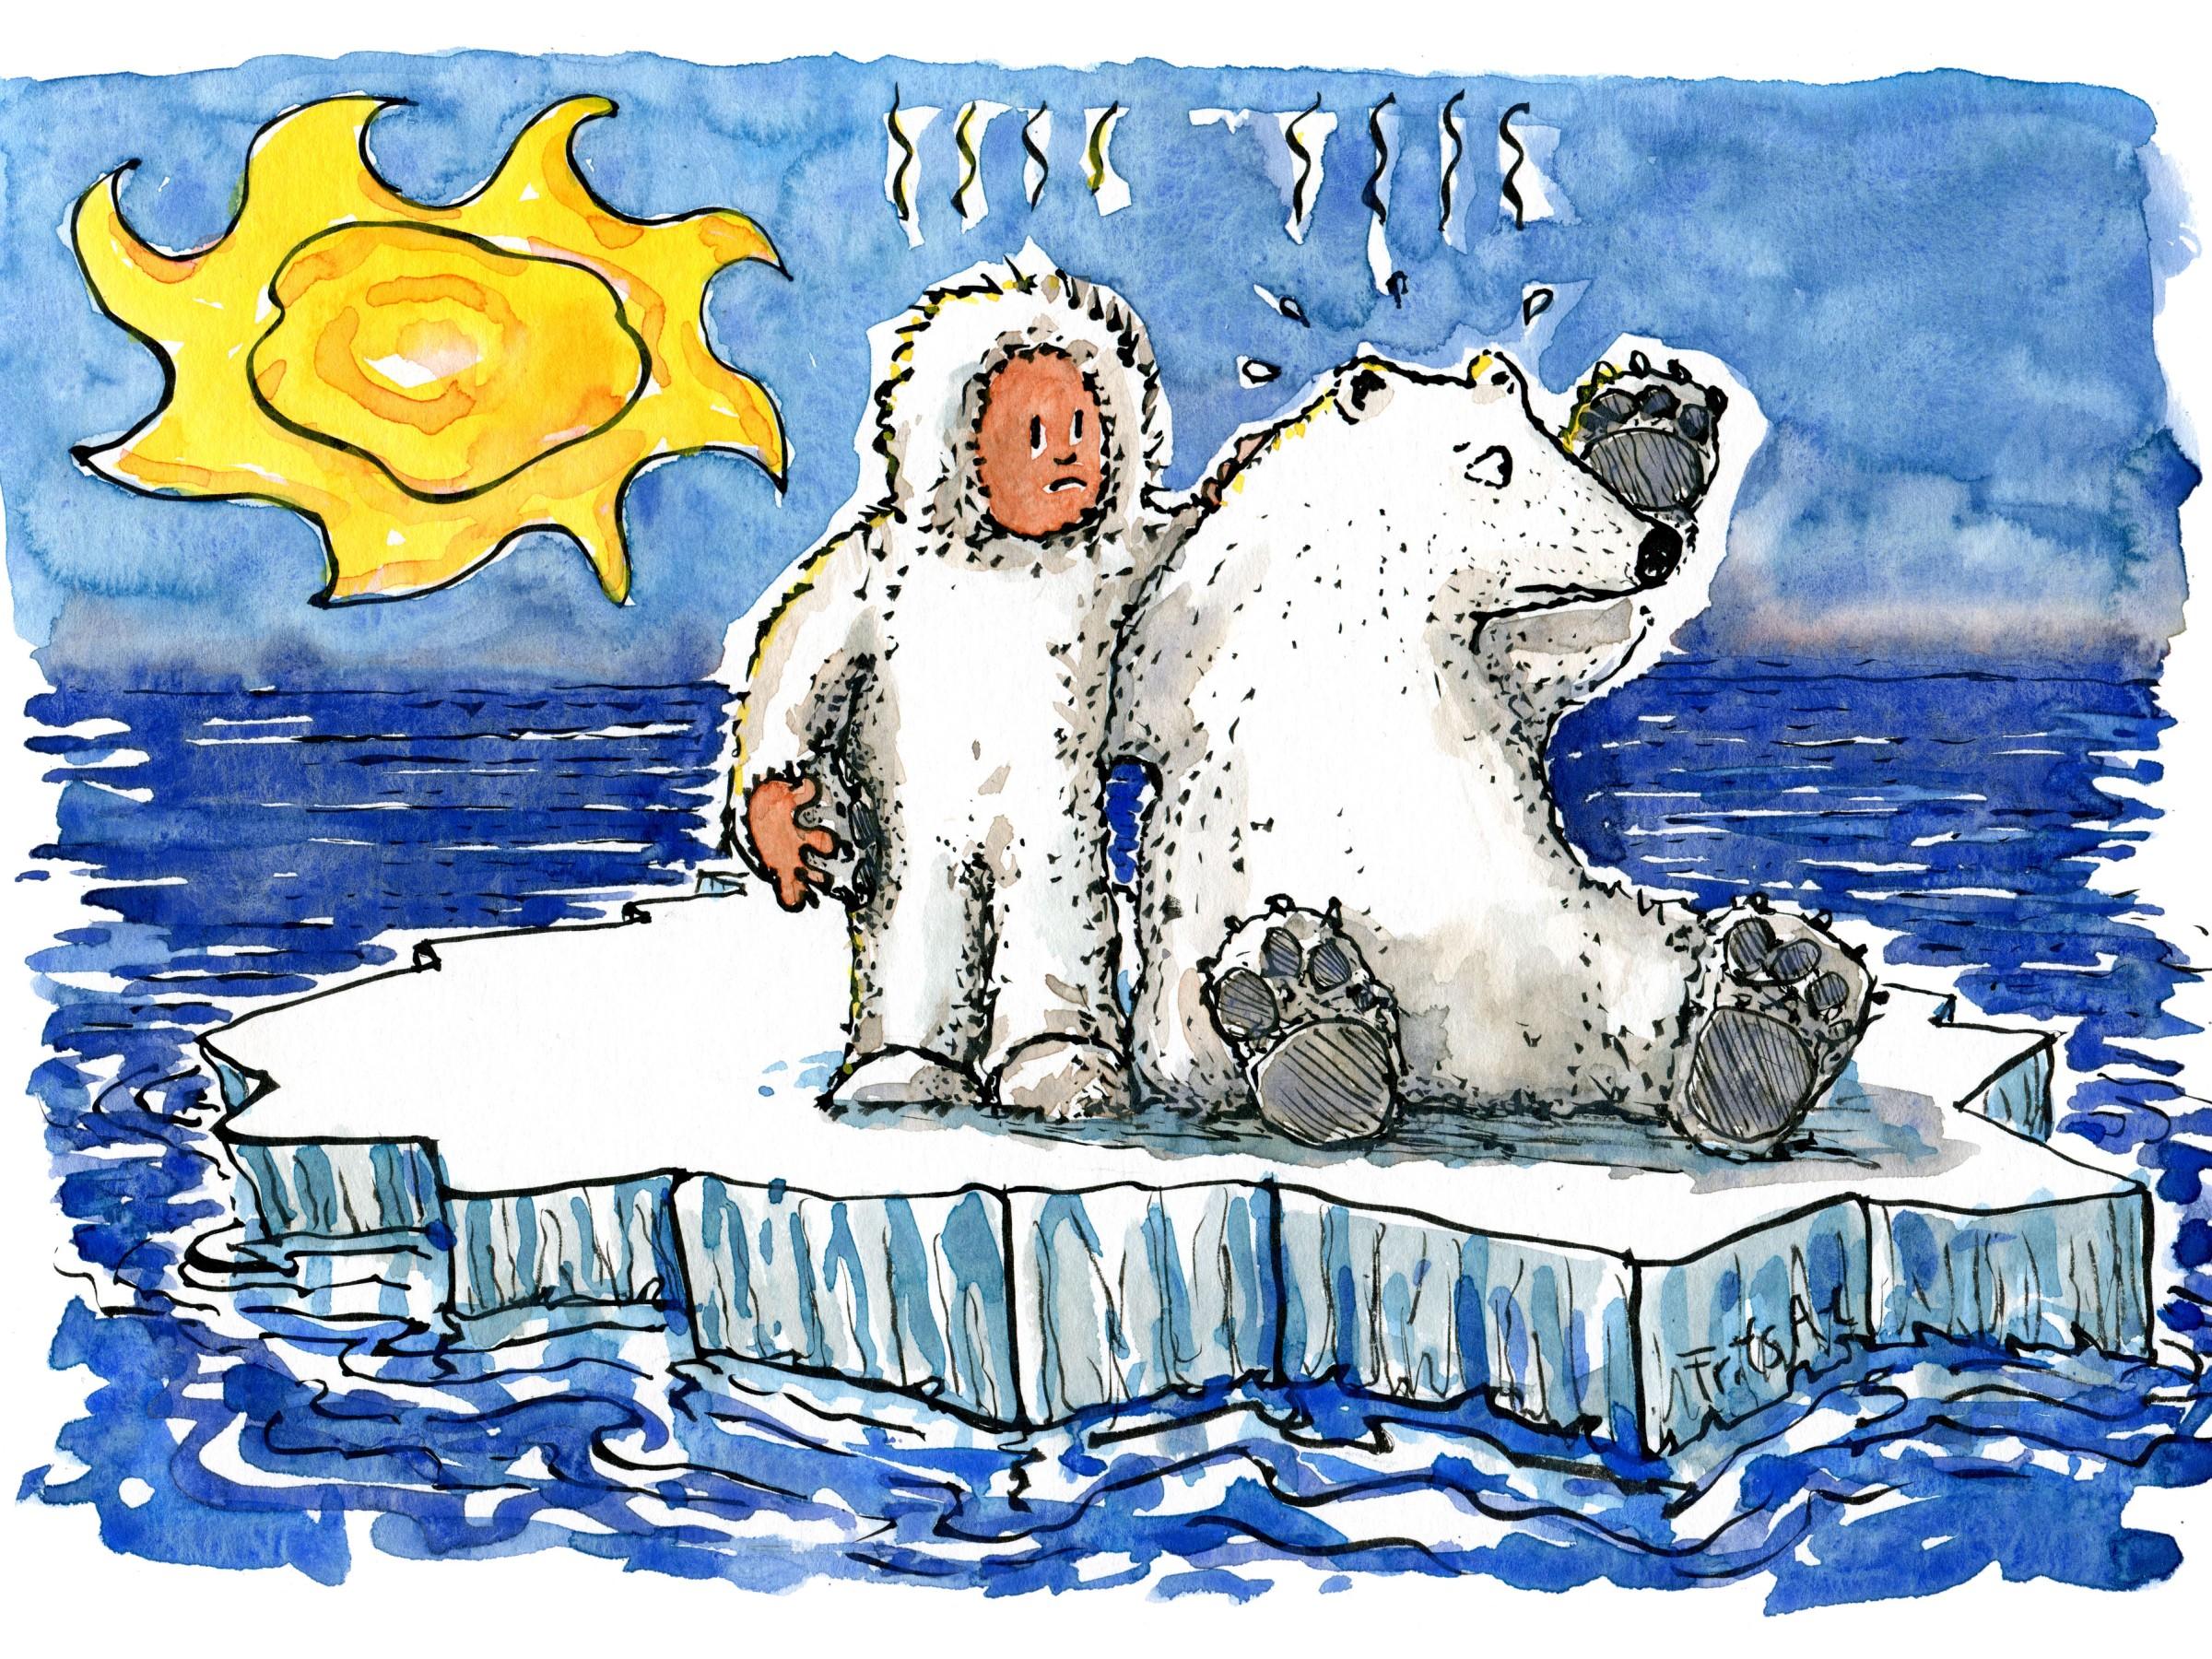 Tegning af isbjørn og mand på isflage på åbent hav. Tegning af Frits Ahlefeldt